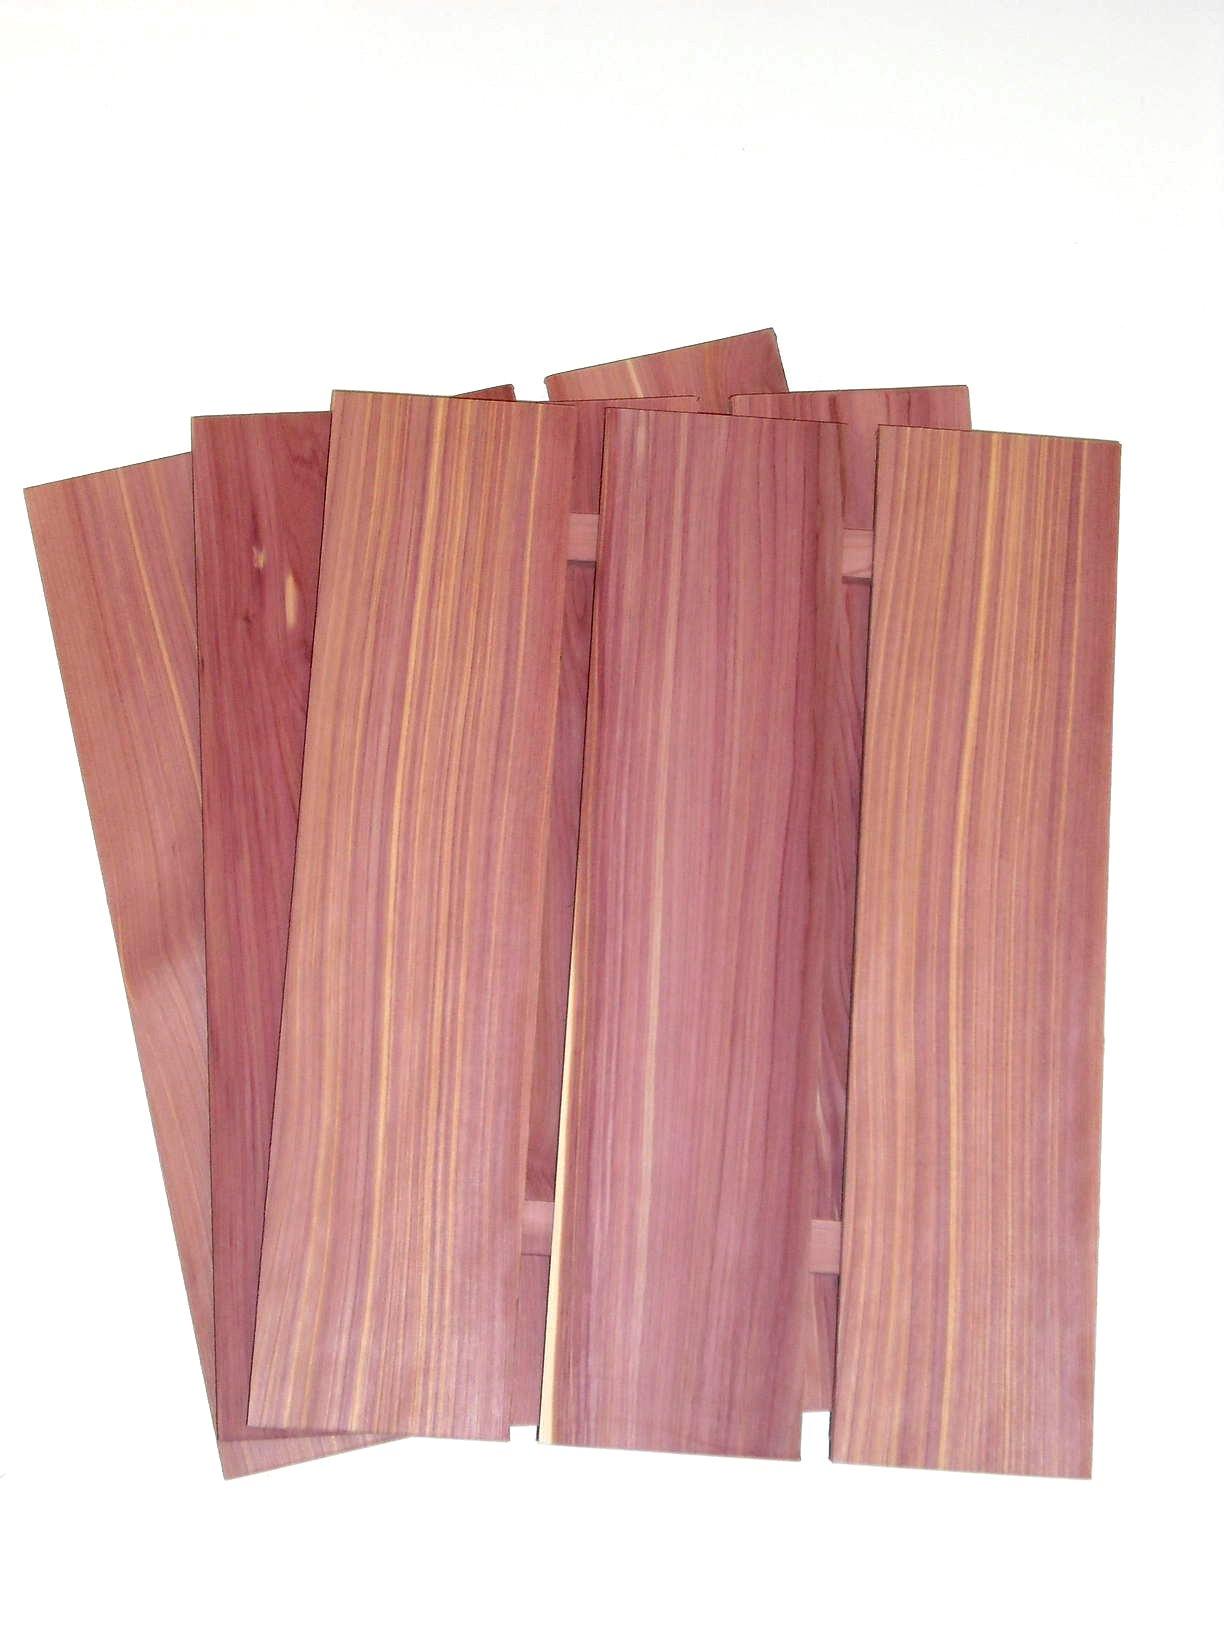 Cedar America Shelves, Set of 6